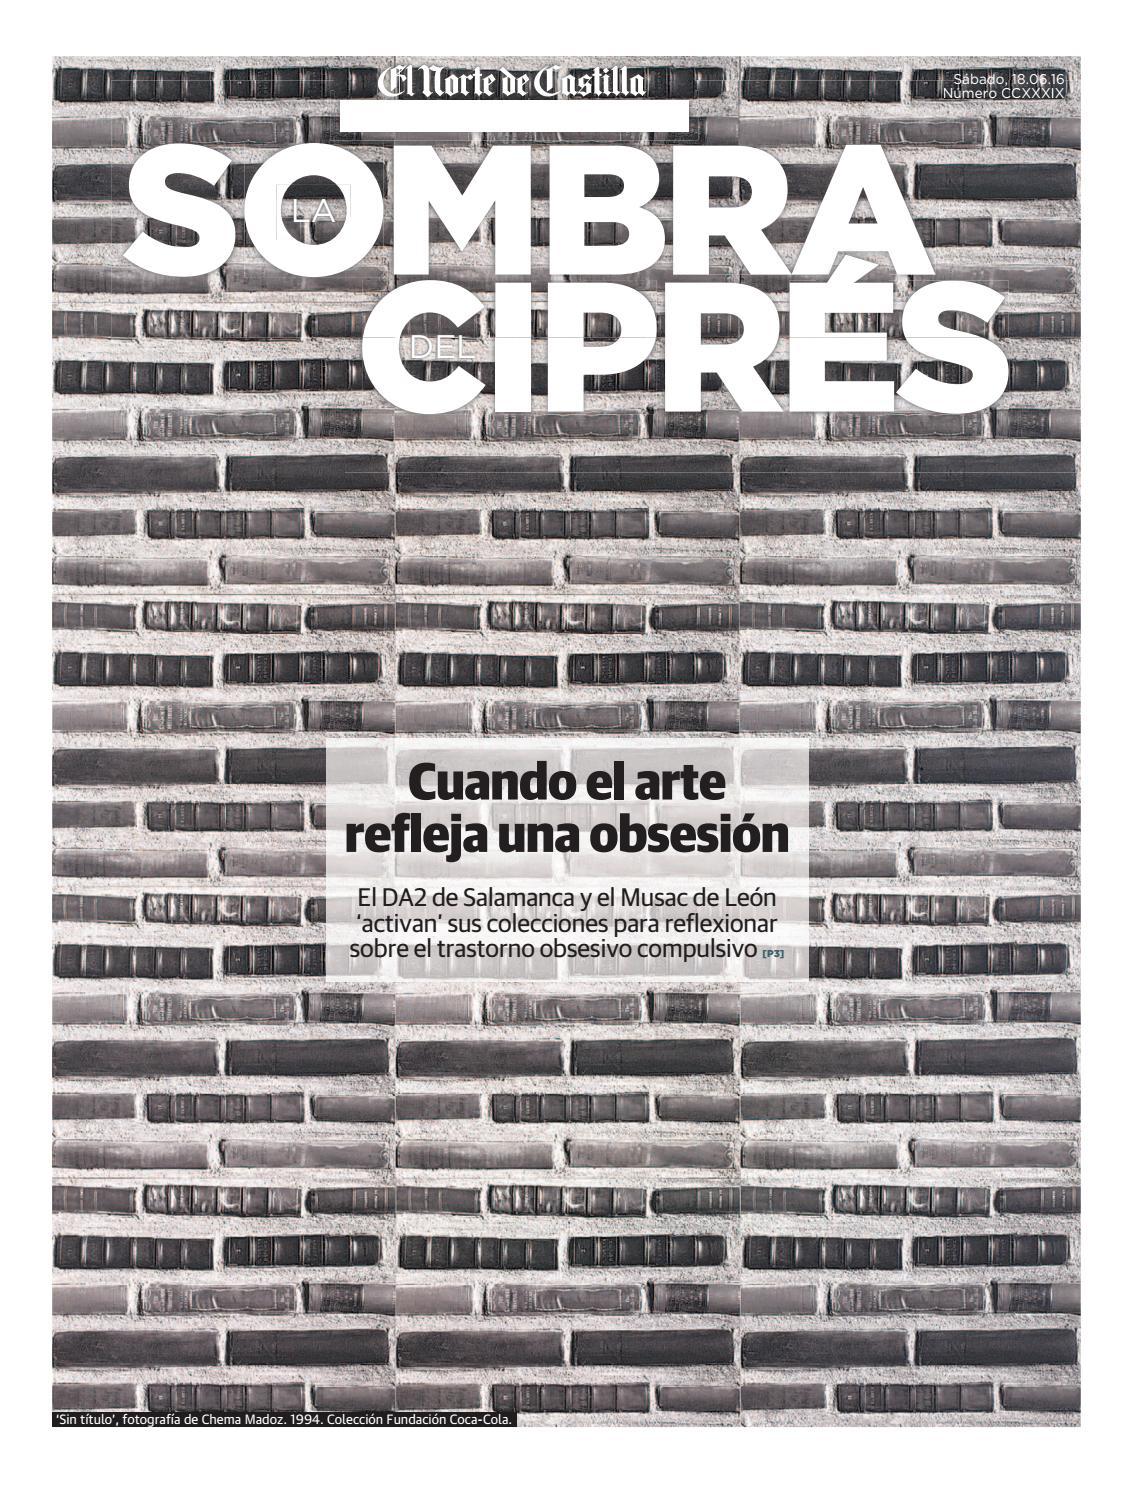 Cuando el arte refleja una obsesión by El Norte de Castilla - issuu